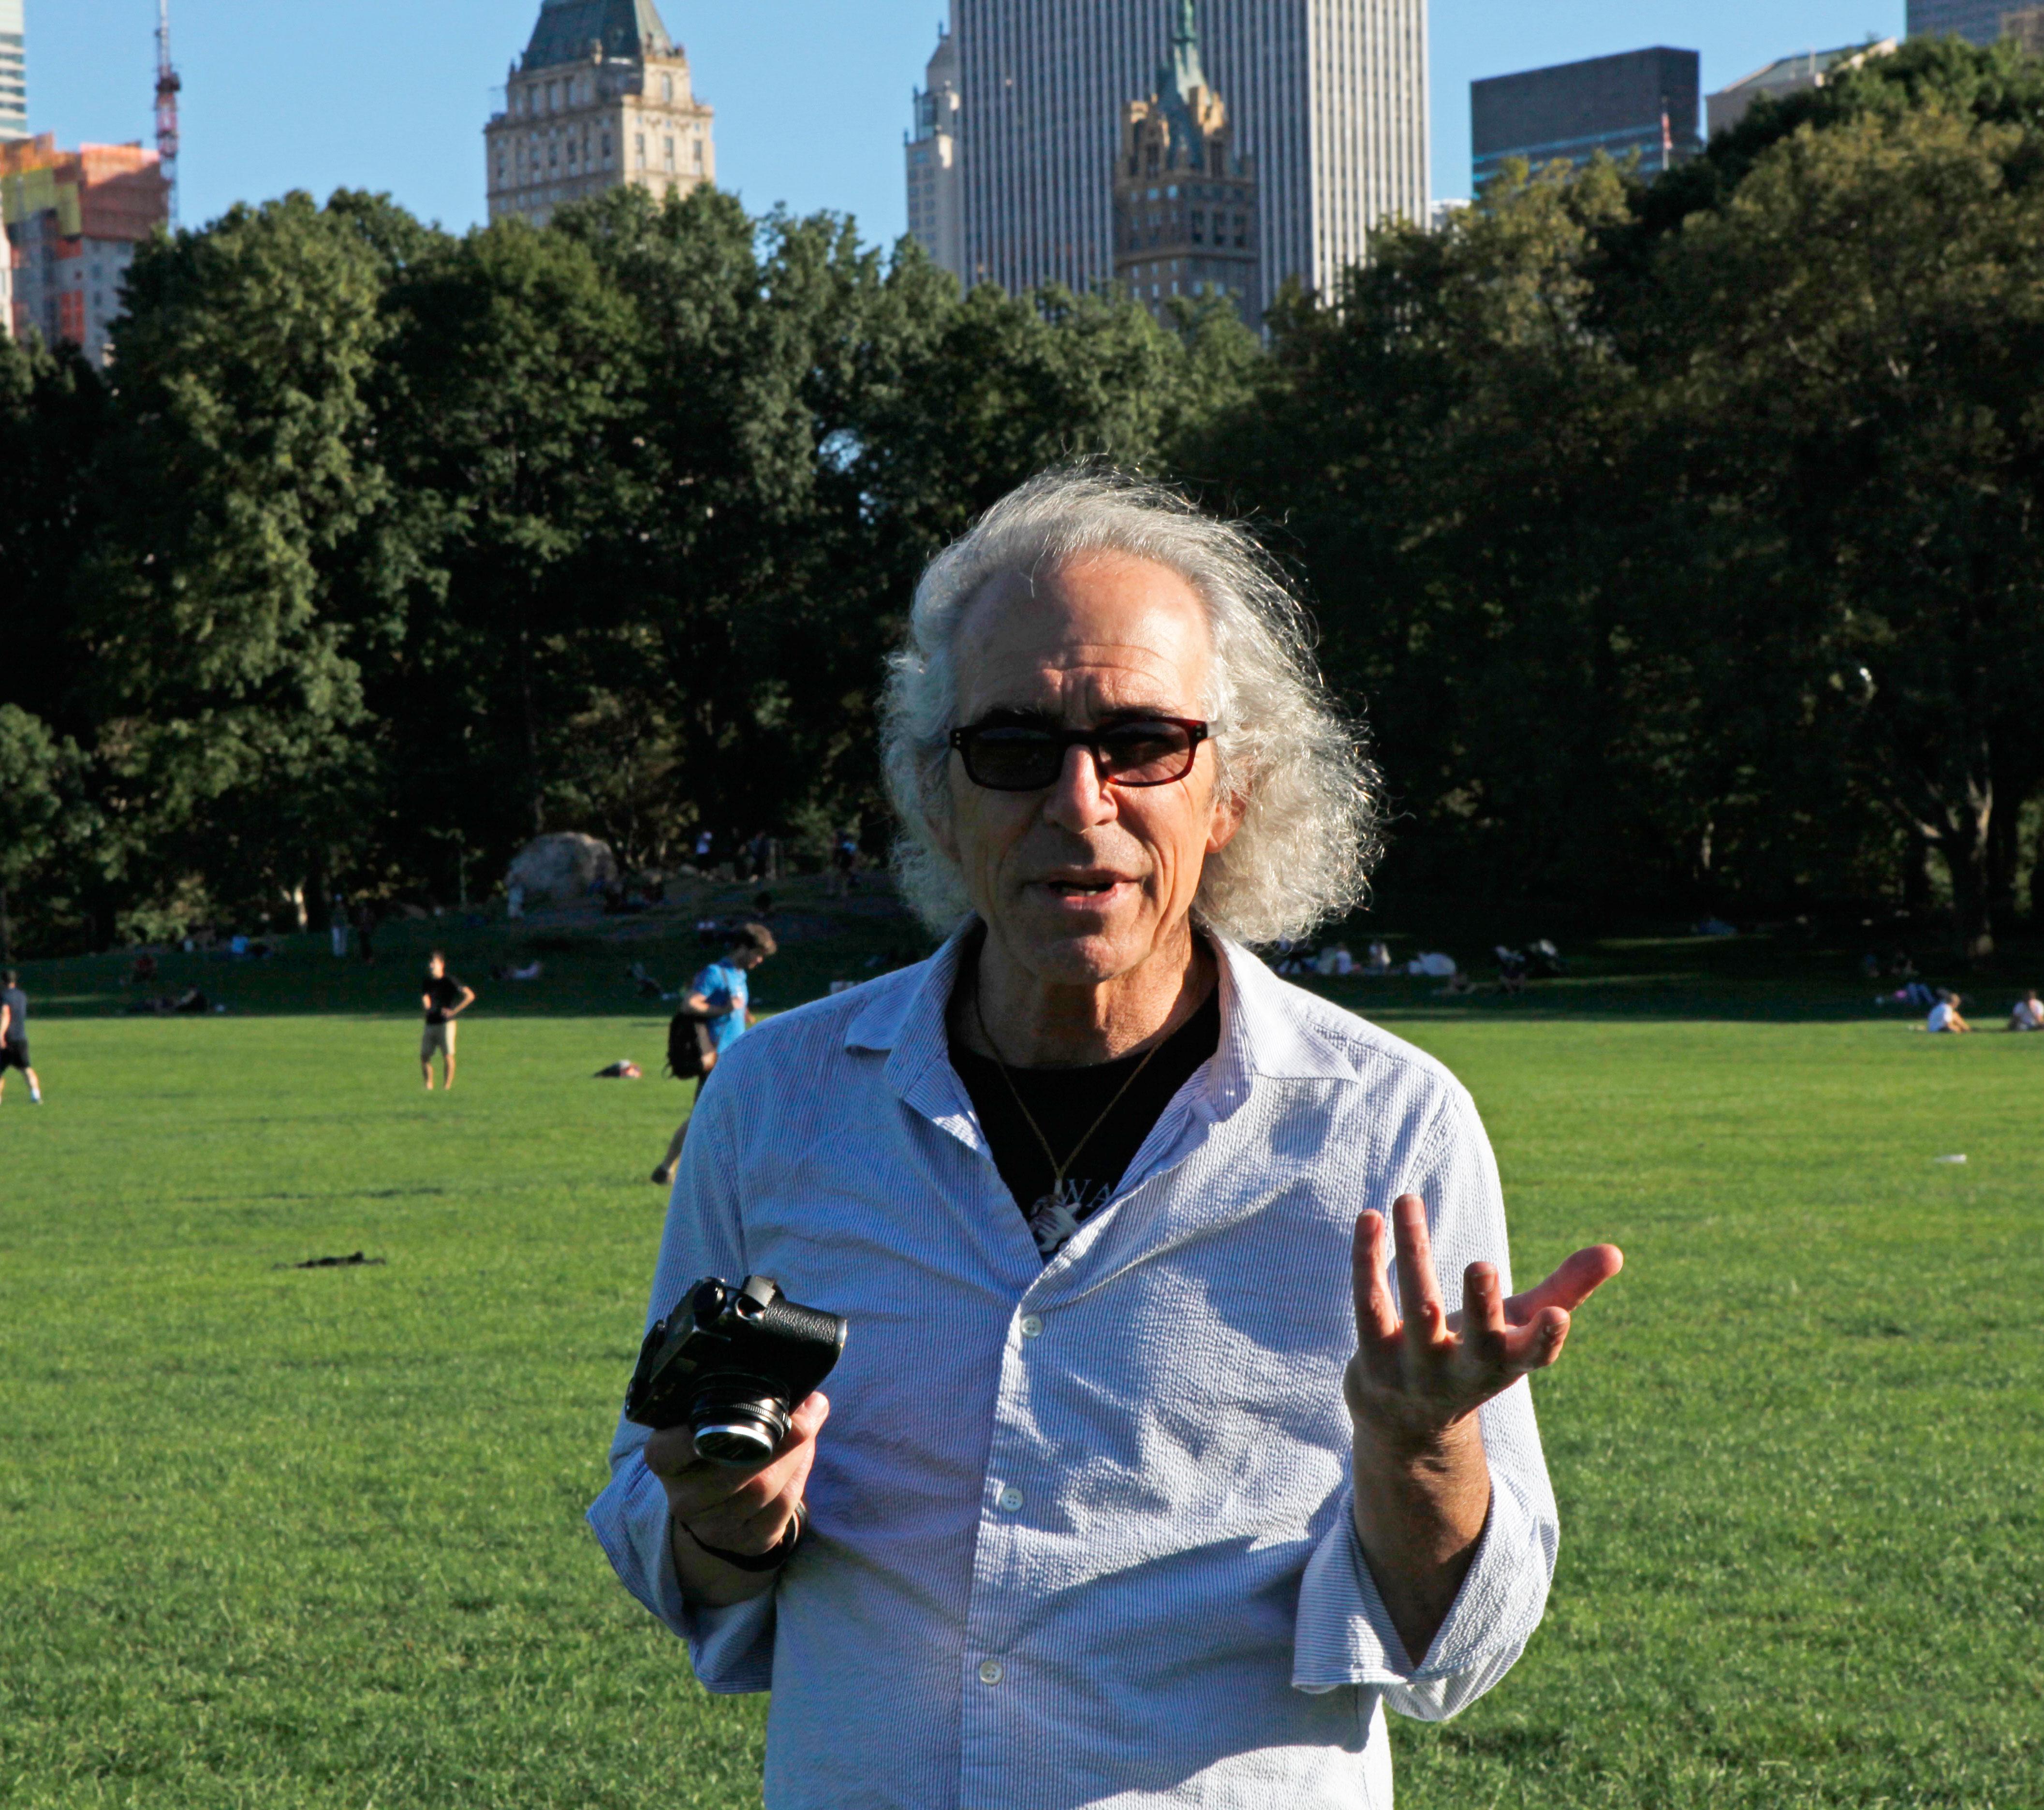 Richard Sandler in Central Park in New York, Sept. 2016.